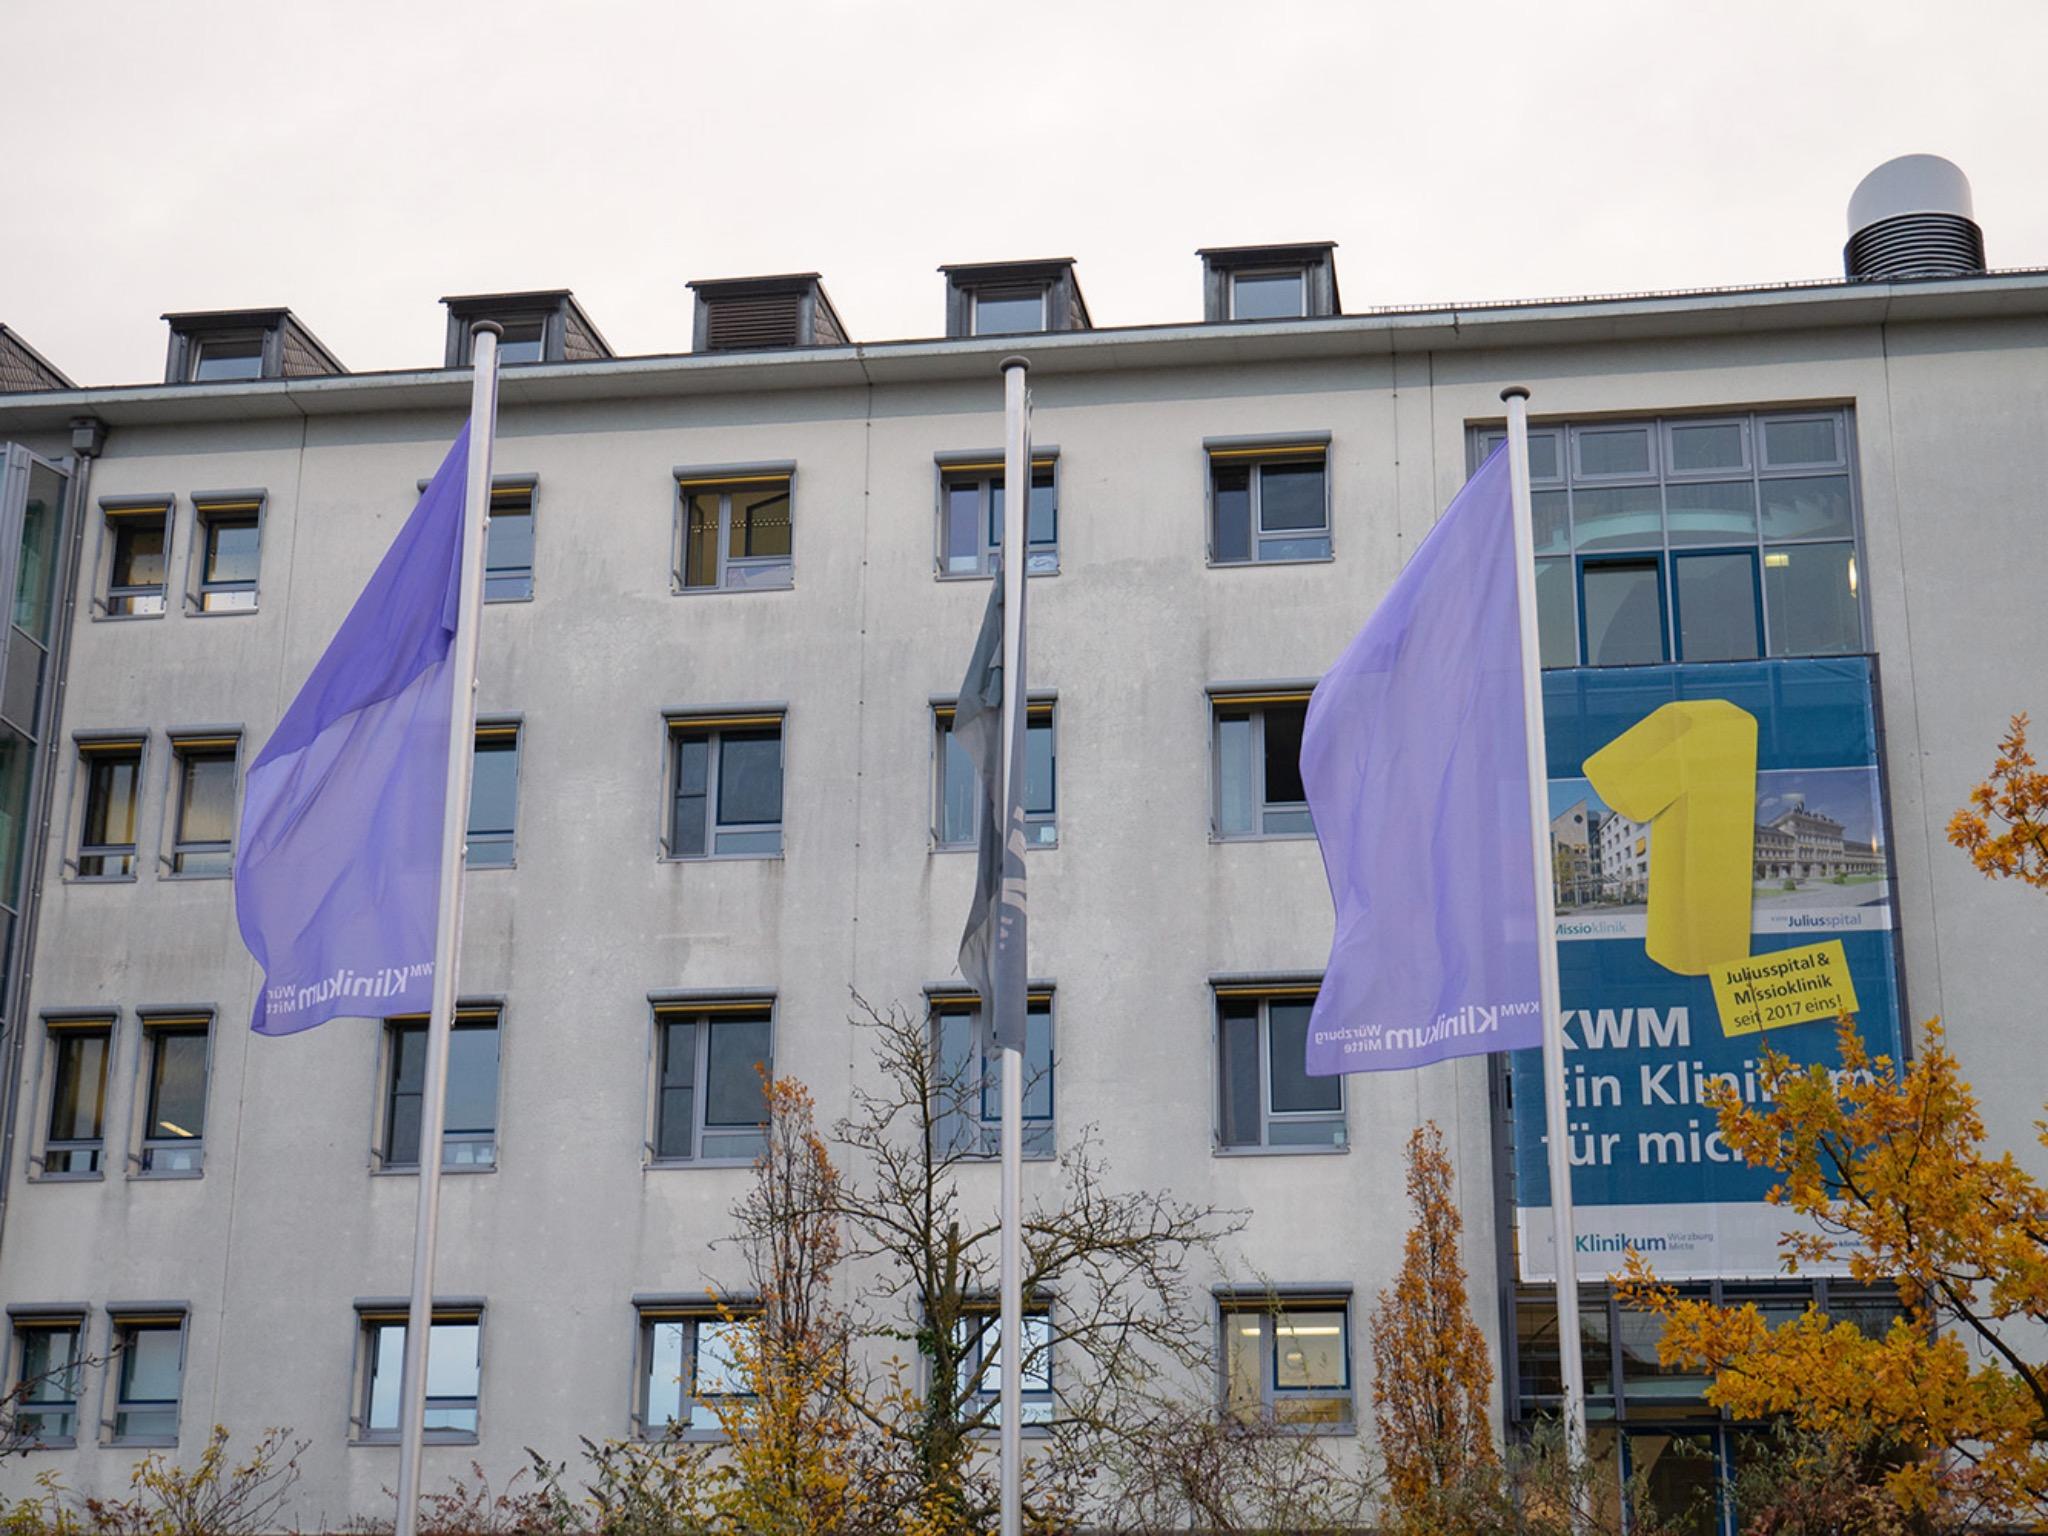 Lila Flaggen machen vor der Missioklinik auf den Welt-Frühgeborenen-Tag aufmerksam. Foto: Klinikum Würzburg Mitte